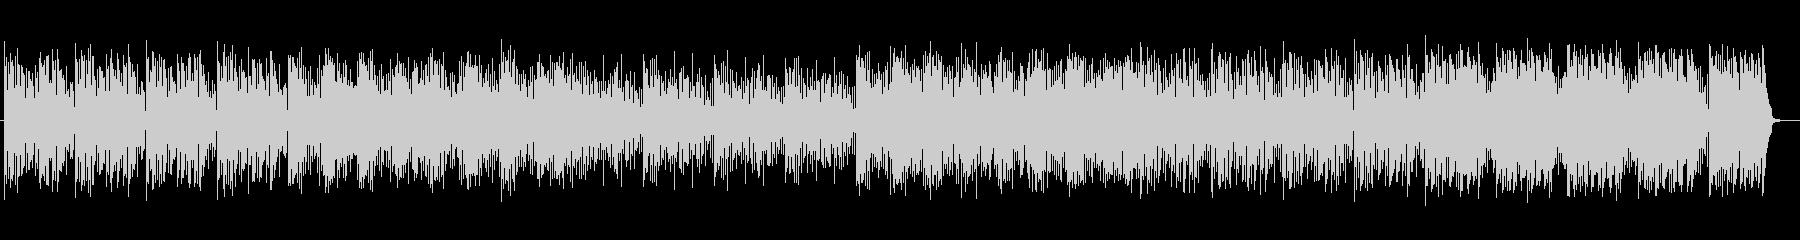 可愛らしいセンチメンタルエレクトロニカの未再生の波形